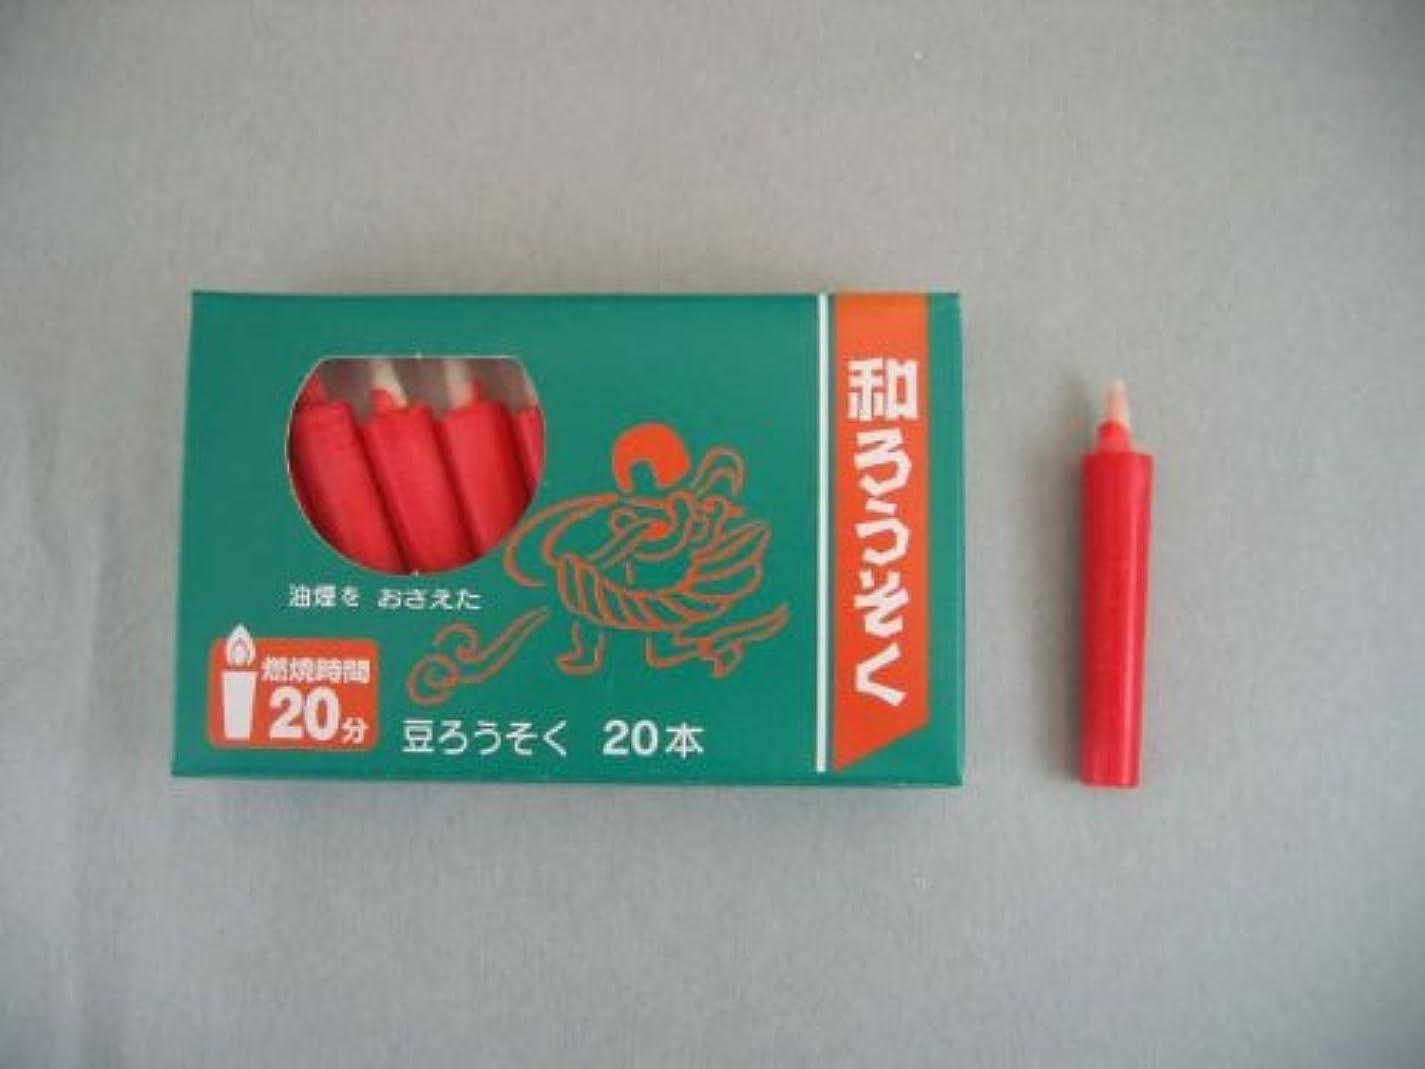 投票落とし穴鍔和ろうそく 【朱】 型和蝋燭 ローソク 豆型 棒タイプ 朱色 小箱 20本入り